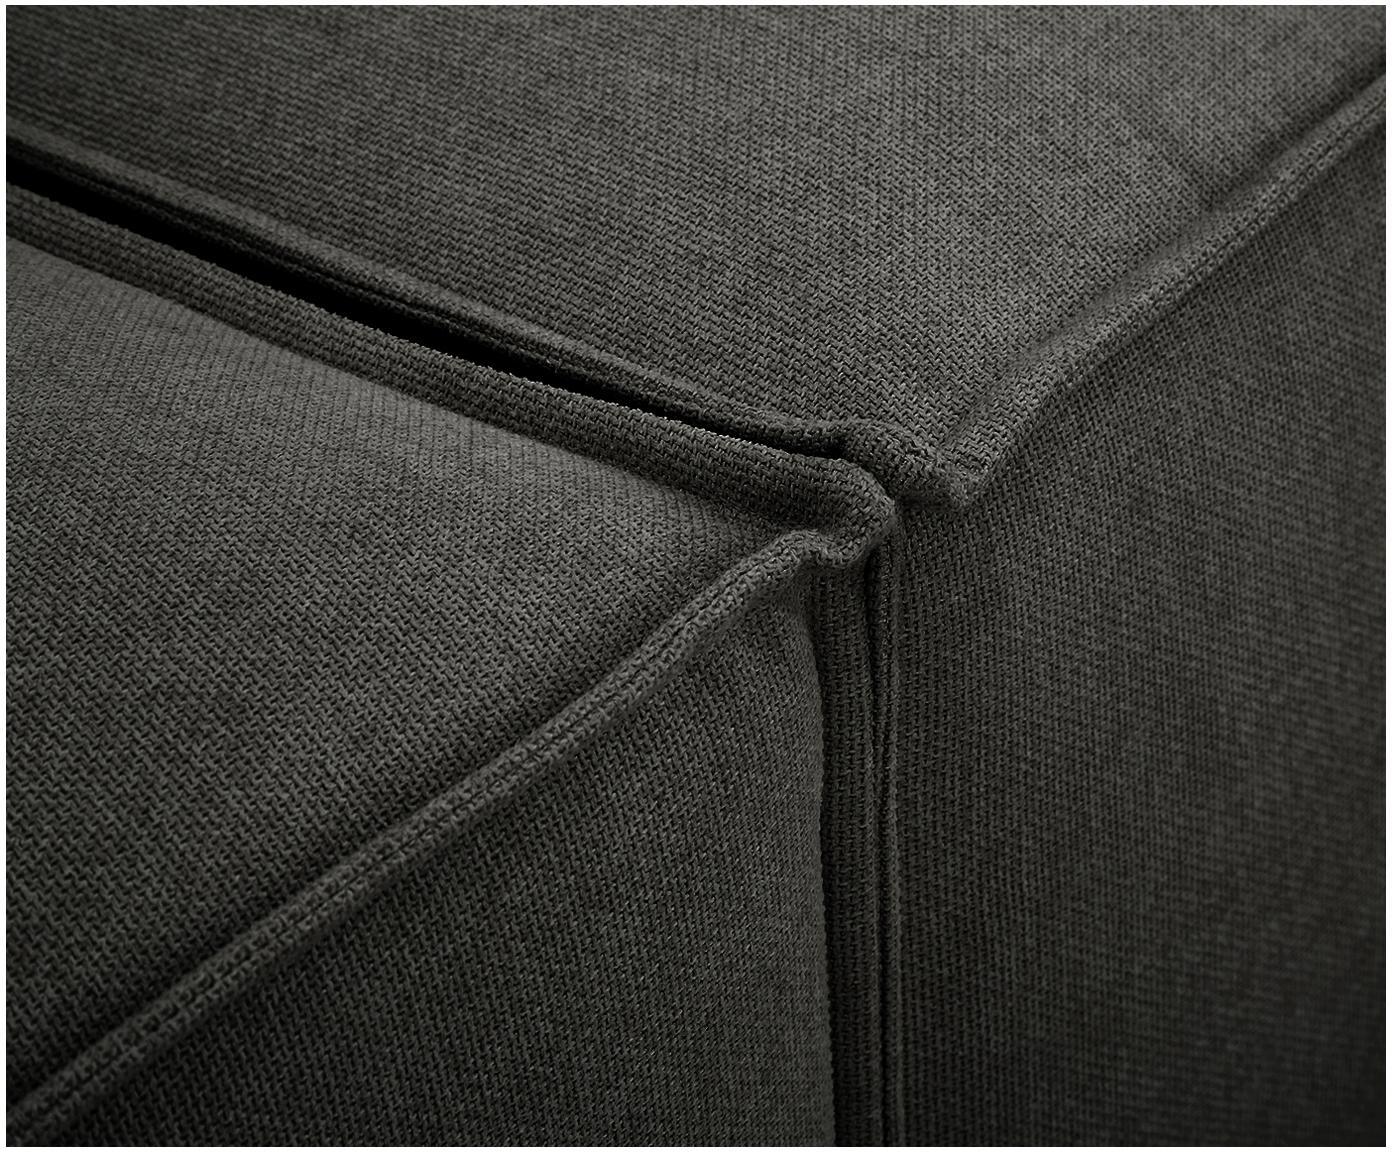 Modulaire chaise longue Lennon, Bekleding: polyester, Frame: massief grenenhout, multi, Poten: kunststof, Antraciet, B 269 x D 119 cm